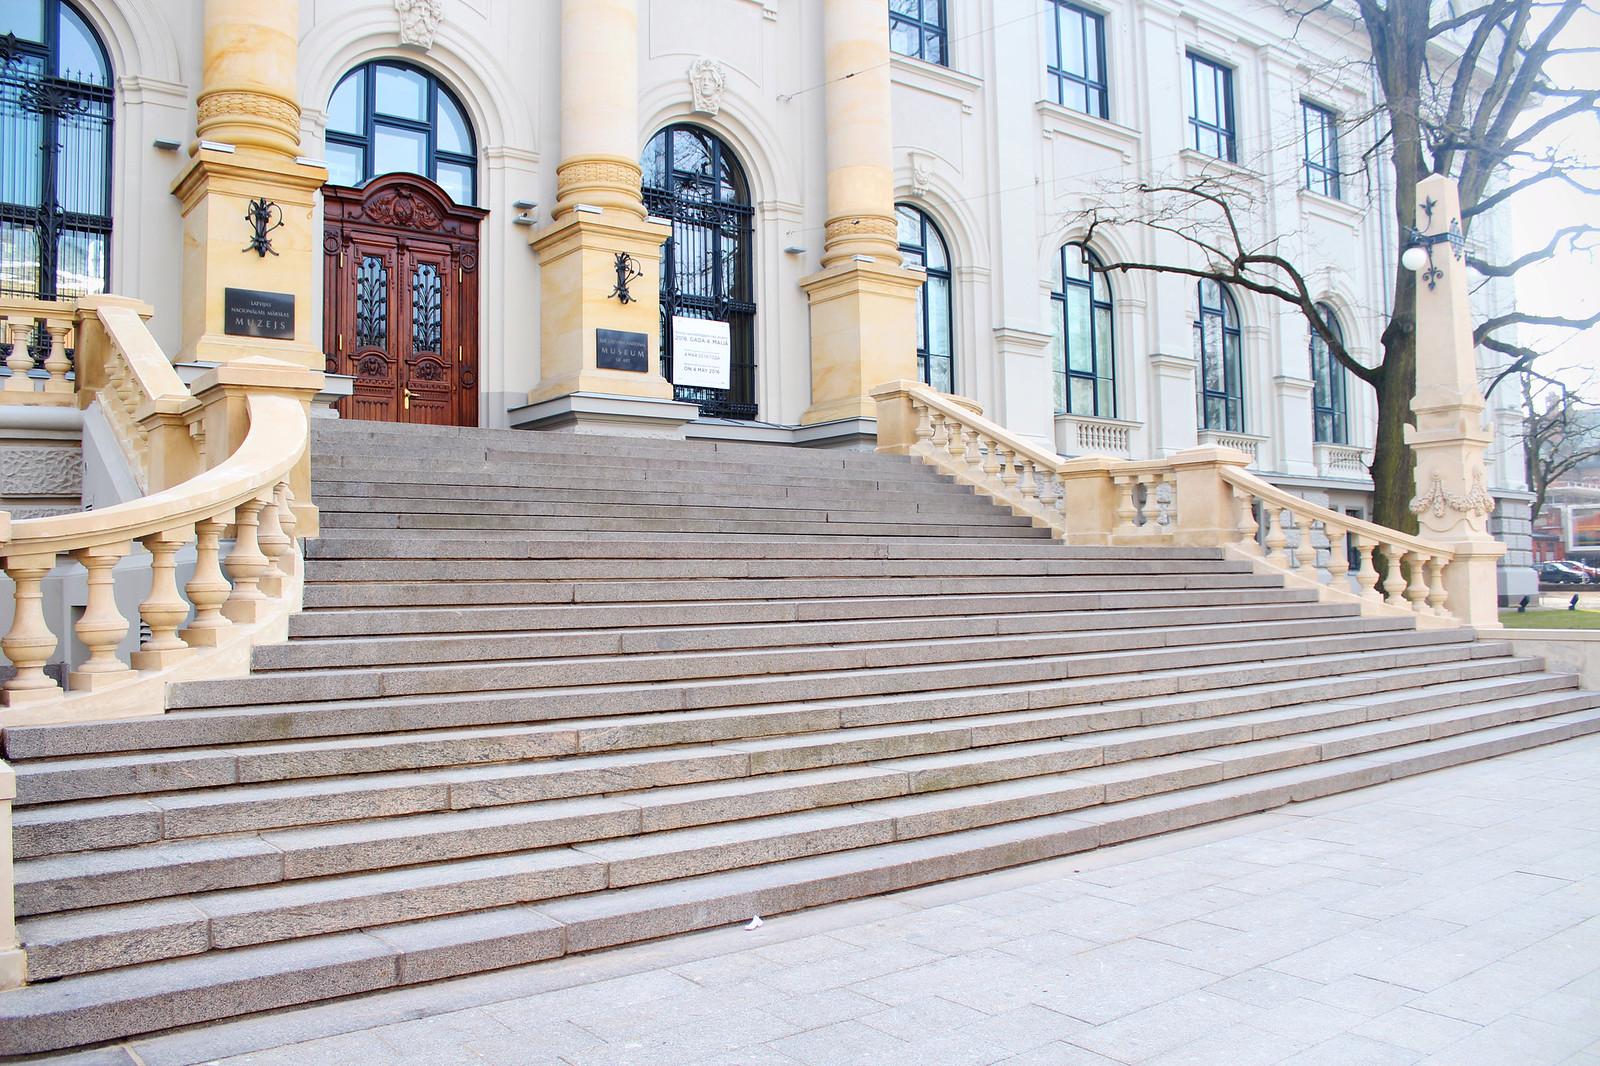 Latvia, Riga architecture